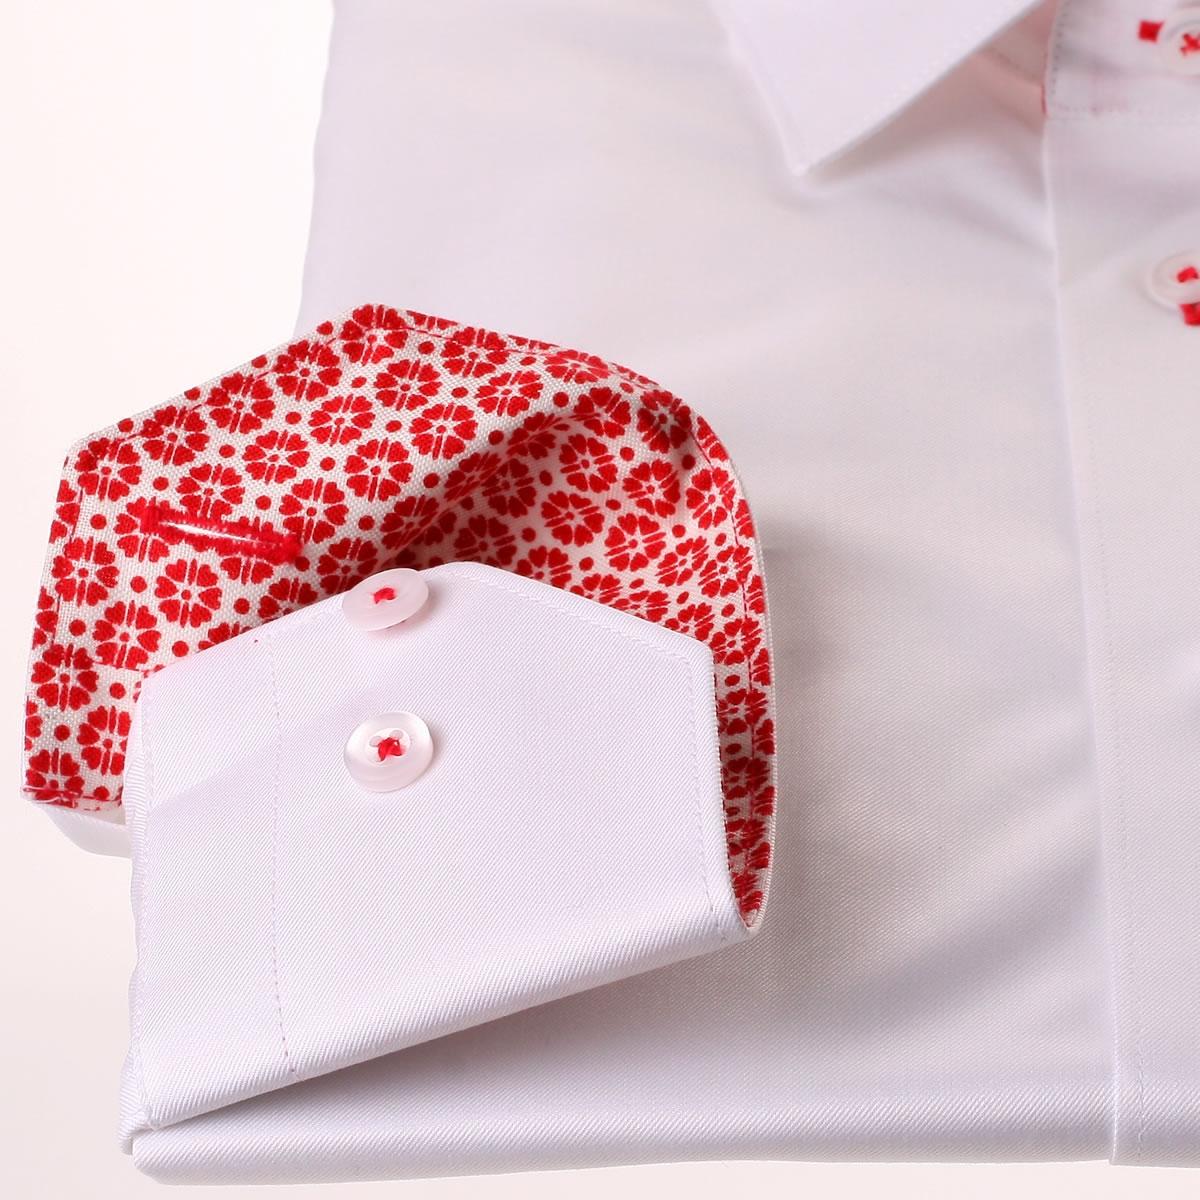 wei es hemd mit roten blumen kragen und manschetten. Black Bedroom Furniture Sets. Home Design Ideas